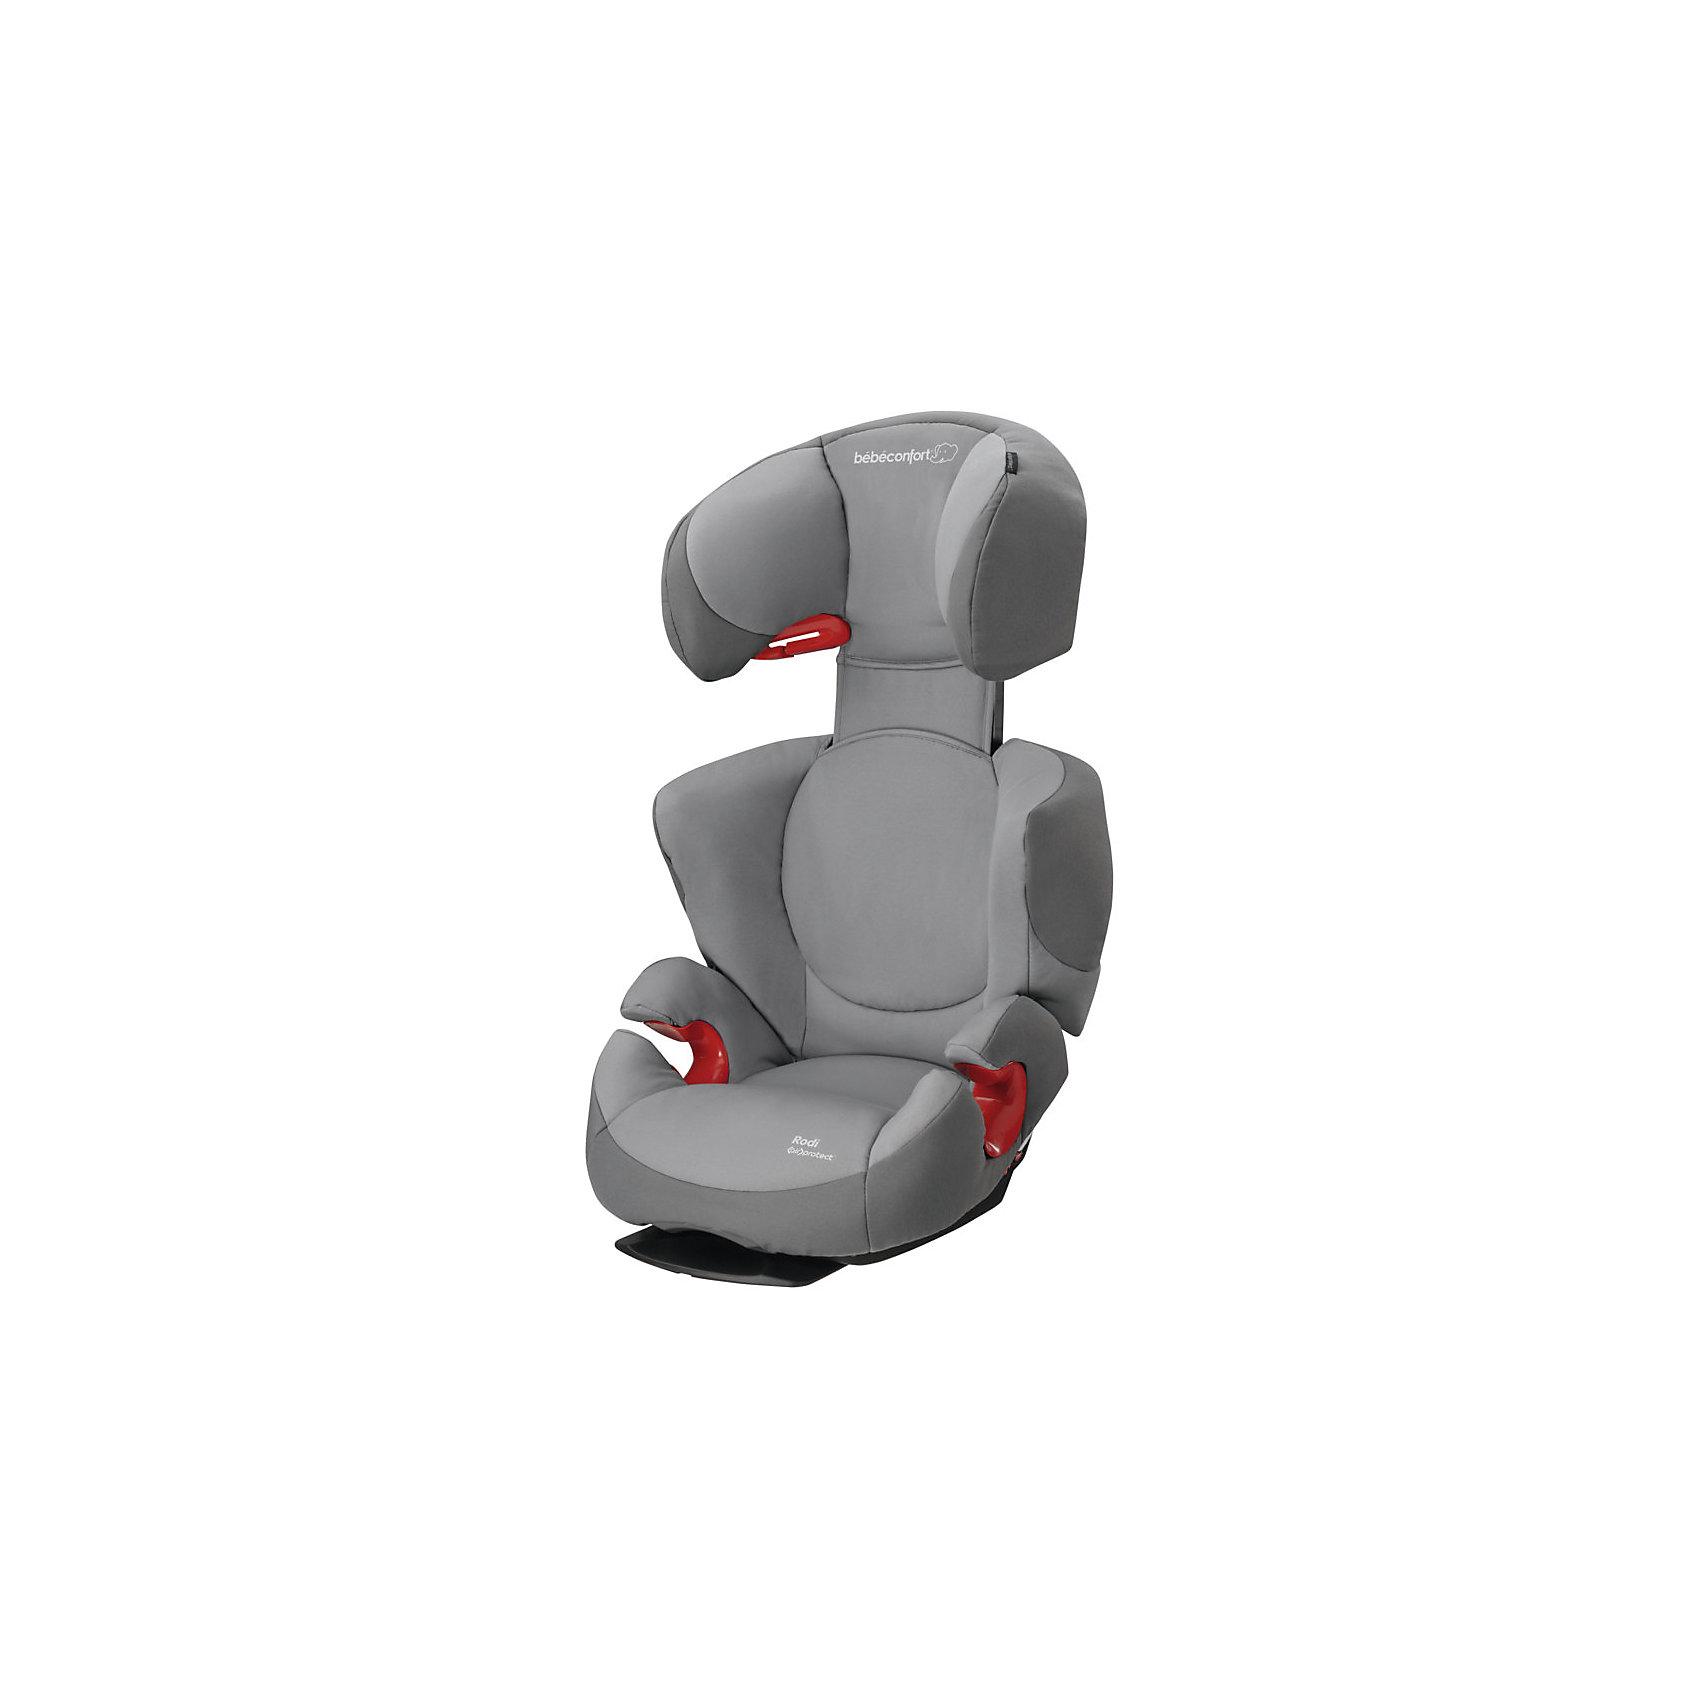 Автокресло Rodi Air, 15-36 кг., Maxi Cosi, Concrete GreyАвтокресло Rodi Air прекрасно подходит для путешествий с уже подросшими детьми. Кресло монтируется в автомобиле при помощи ремней безопасности. Уникальная технология AirProtect смягчает действие удара, защищая голову и шею ребенка. Кресло имеет удобный подголовник, регулируемый в 8 положениях и 2 режима наклона спинки для приятных и комфортных путешествий. Воздушная подушка, встроенная в подголовник, делает эту модель еще более комфортной и безопасной.Чехол выполнен из стойкого к загрязнениям, прочного и приятного на ощупь материала, быстро и удобно снимается, его можно стирать в режиме деликатной стирки.<br><br>Дополнительная информация:<br><br>- Материал: текстиль, пластик, металл.<br>- Размер: 68 x 47 x 42 см.<br>- Крепления: ремнем автомобиля.<br>- Ребенок пристегивается автомобильным ремнем.<br>- Ремень безопасности удерживается практичными крючками.<br>- Вес: 4,9 кг.<br>- Технология AirProtect.<br>- Дополнительная защита от боковых ударов.<br>- Соответствует требованиям ECE-R44/04<br>- Группа 2/3 (15-36 кг; от 3,5 до 12 лет).<br>- Устанавливается по ходу движения.<br>- Регулировка наклона спинки (в 2 положениях).<br>- Регулируемый подголовник (в 8 положениях)<br>- Съемные чехлы (можно стирать в деликатном режиме).<br><br>Автокресло Rodi Air (Роди Эйр), 15-36 кг., Maxi Cosi (Макси Кози), Concrete Grey, можно купить в нашем магазине.<br><br>Ширина мм: 490<br>Глубина мм: 635<br>Высота мм: 510<br>Вес г: 4900<br>Возраст от месяцев: 42<br>Возраст до месяцев: 144<br>Пол: Унисекс<br>Возраст: Детский<br>SKU: 4812094